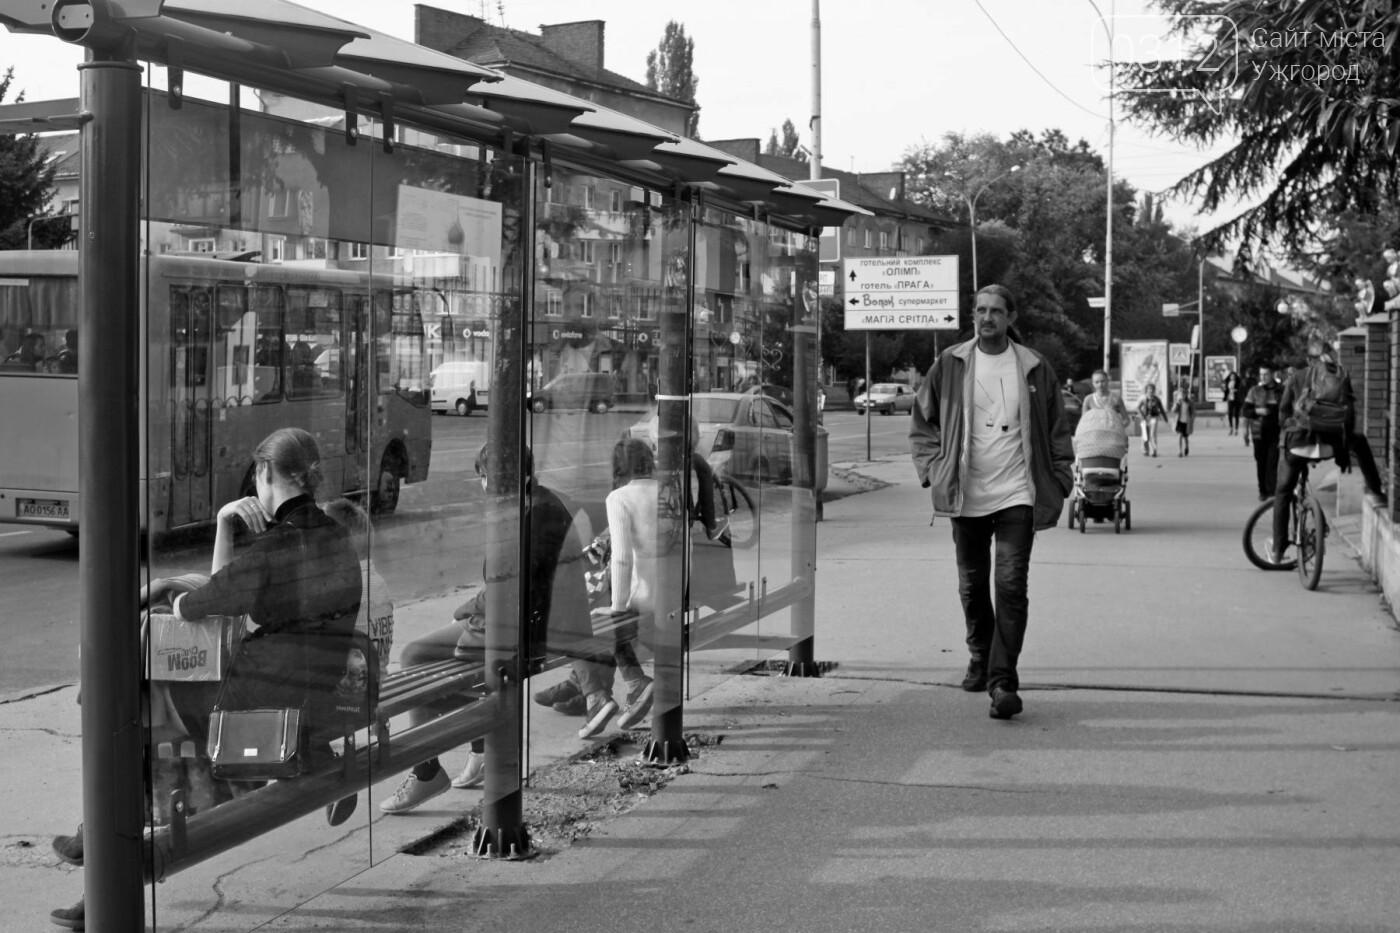 Антивандальне скло та відеоспостереження: чим дивуватимуть нові зупинки в Ужгороді? (ФОТОРЕПОРТАЖ), фото-13